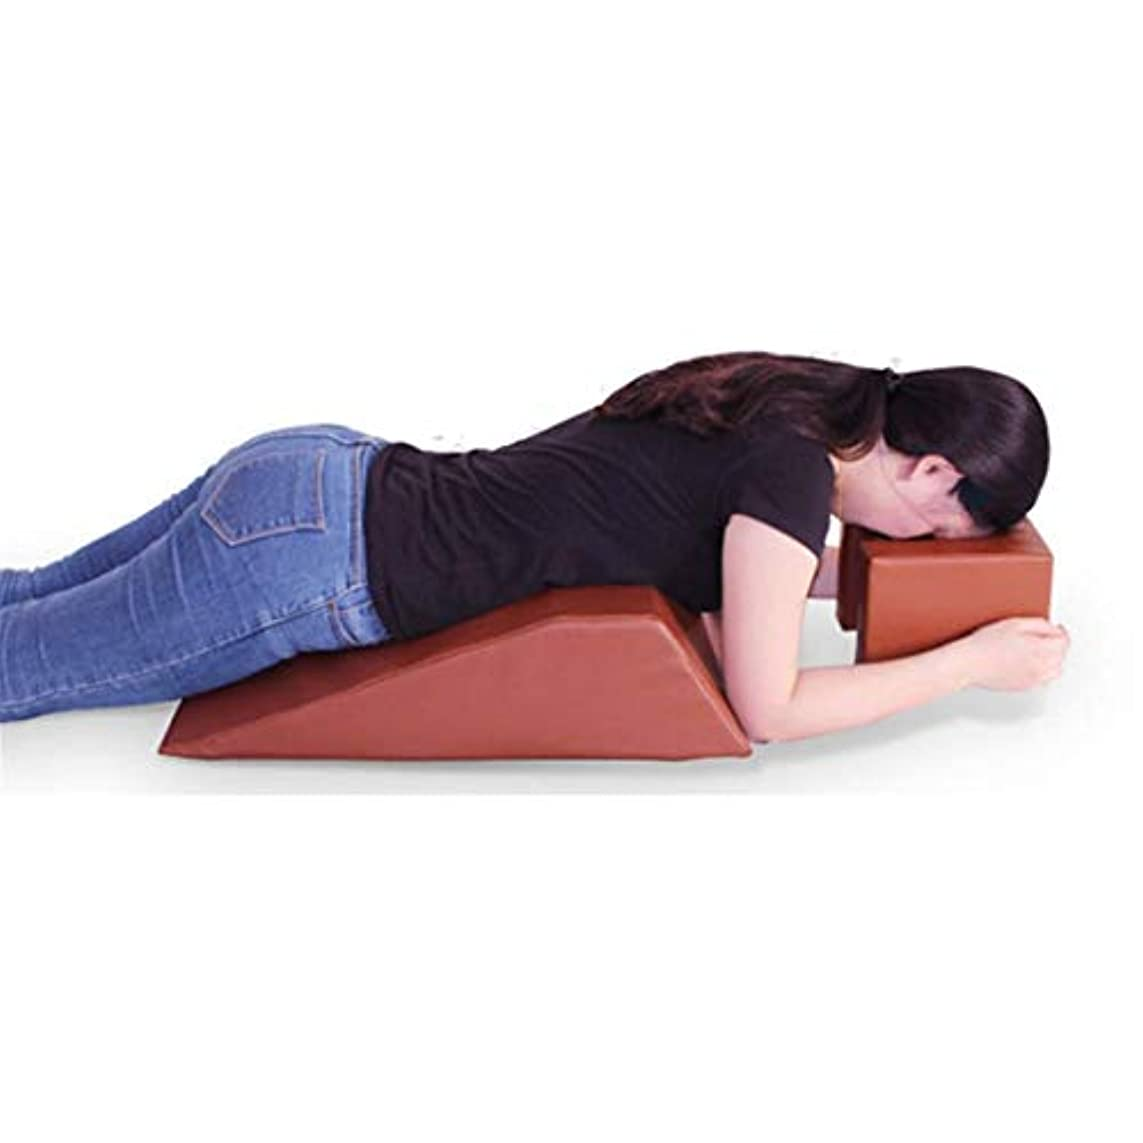 腹臥位クッション、眠りやすい腹臥位、腰痛軽減、バックセラピー